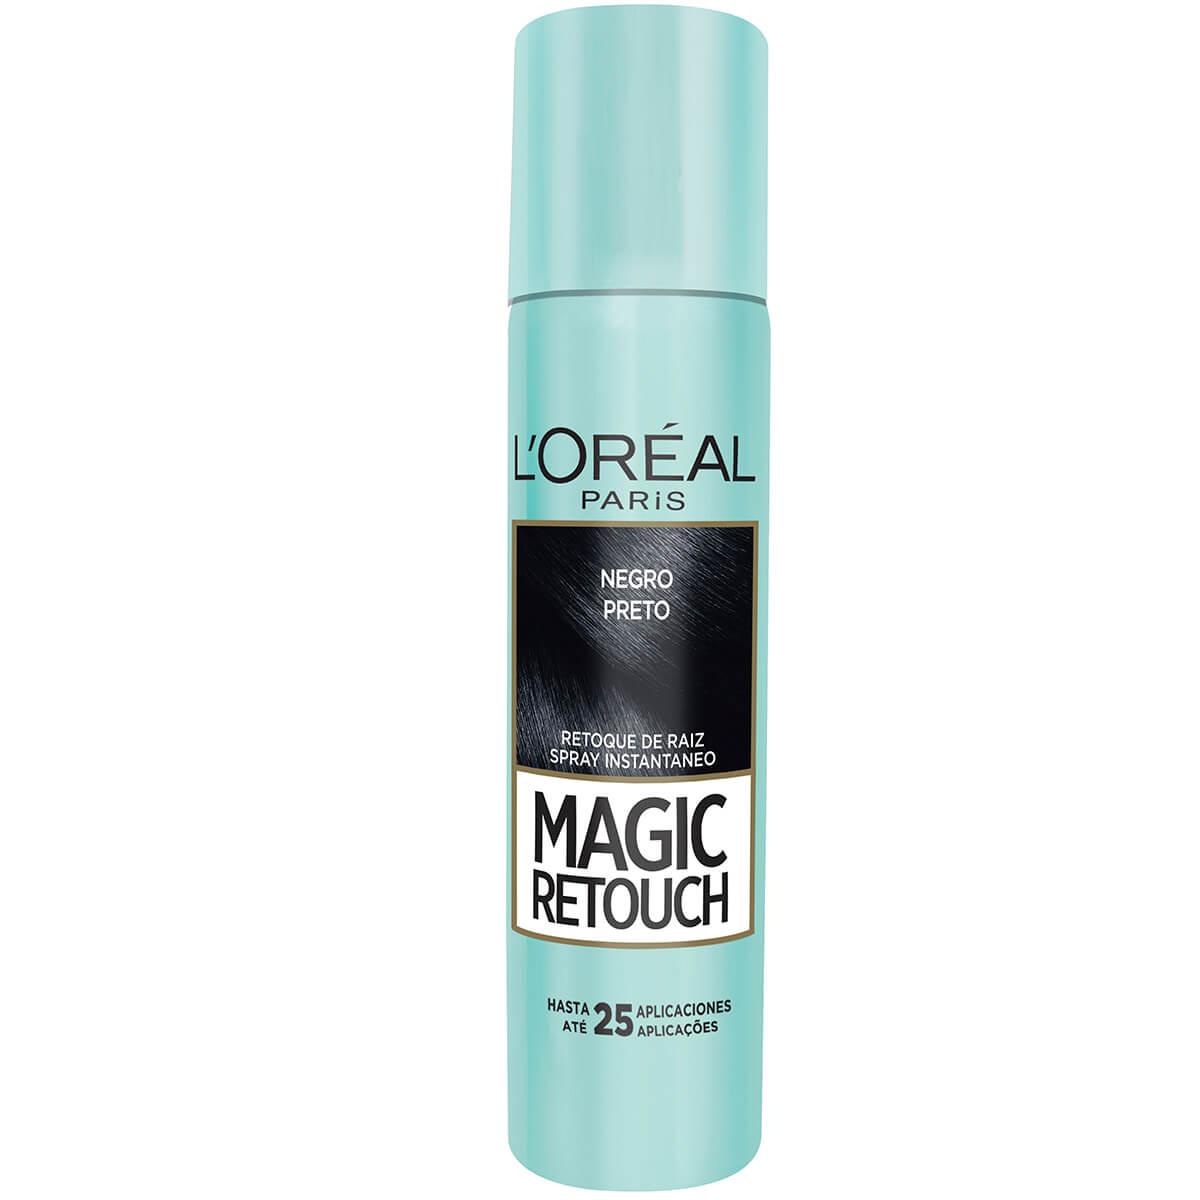 Retoque de Raiz Instantâneo em Spray L'Oréal Magic Retouch Preto com 75ml 75ml